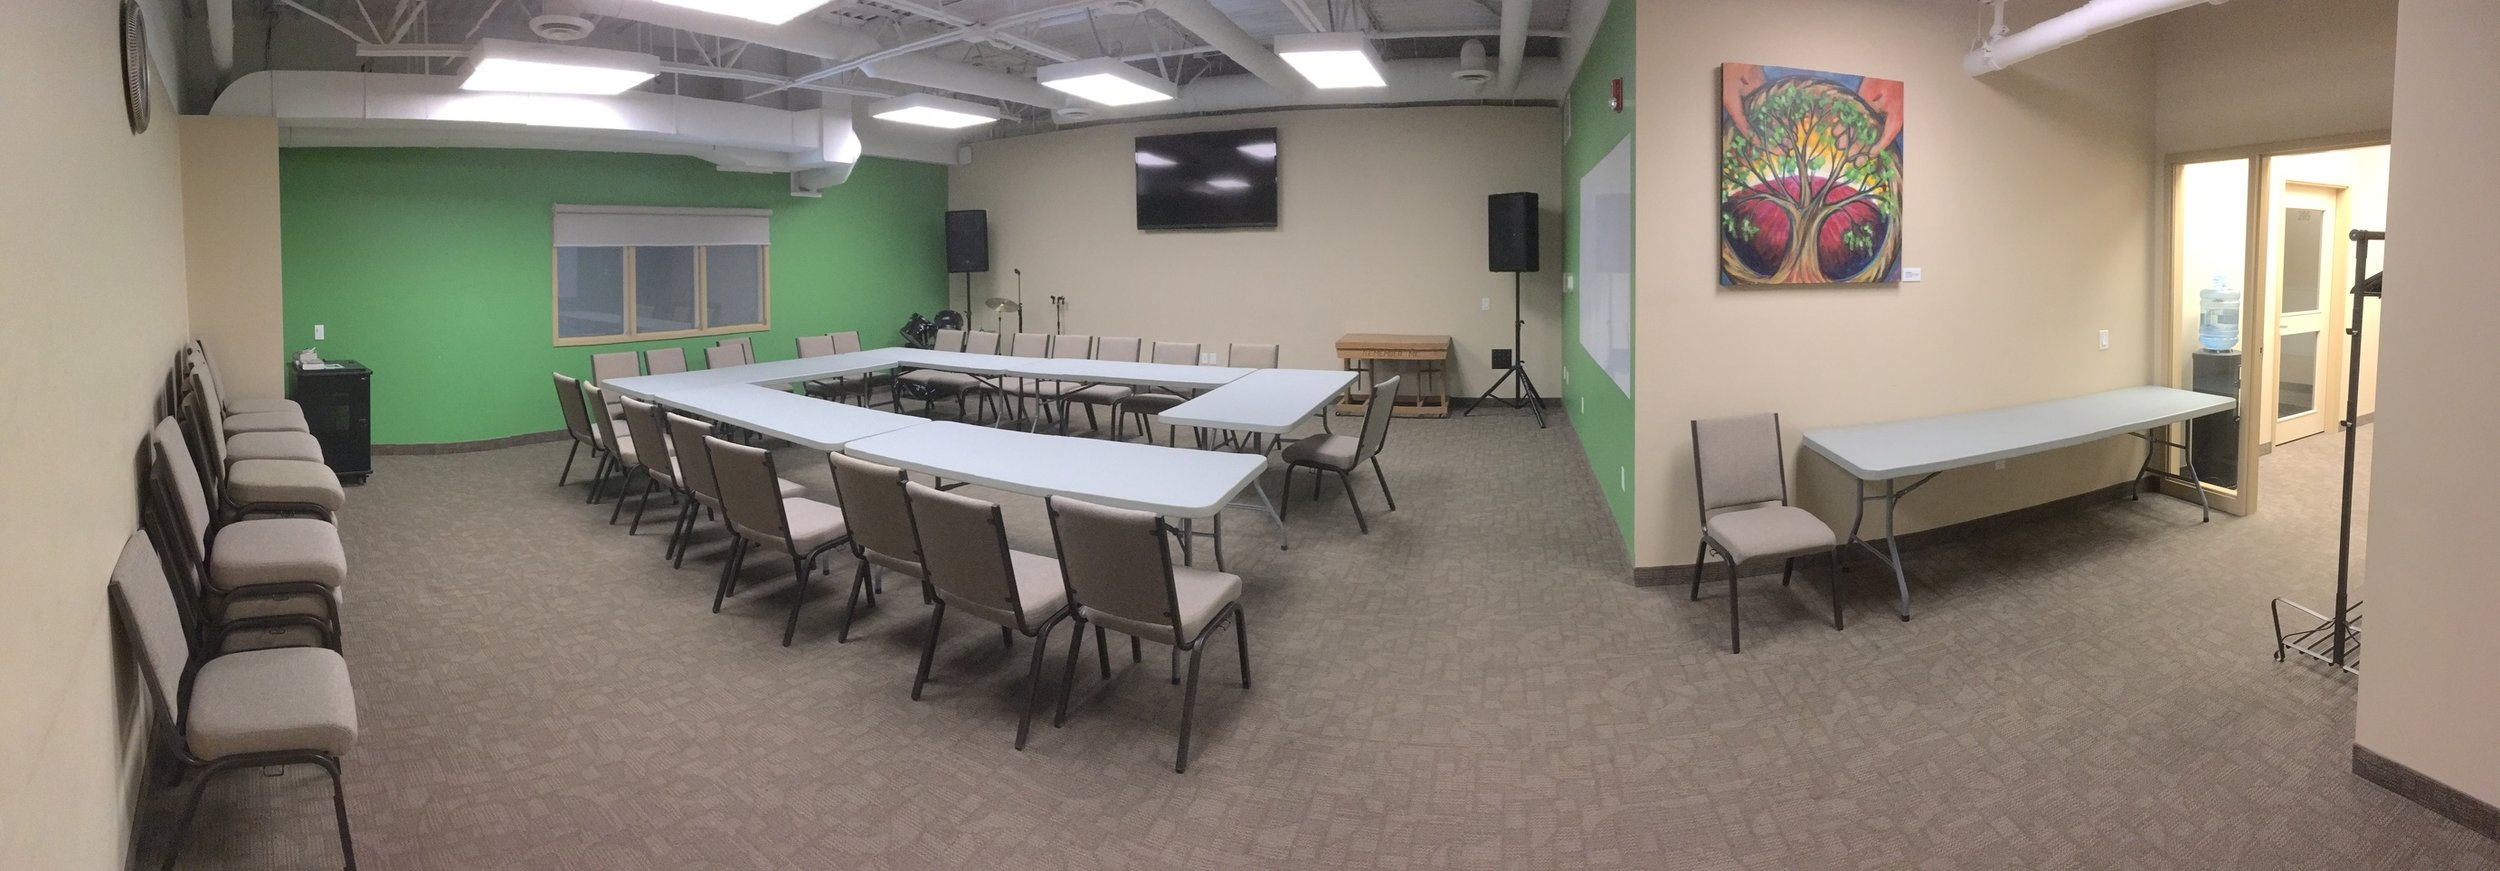 Large Seminar Room - view 1JPG.jpg